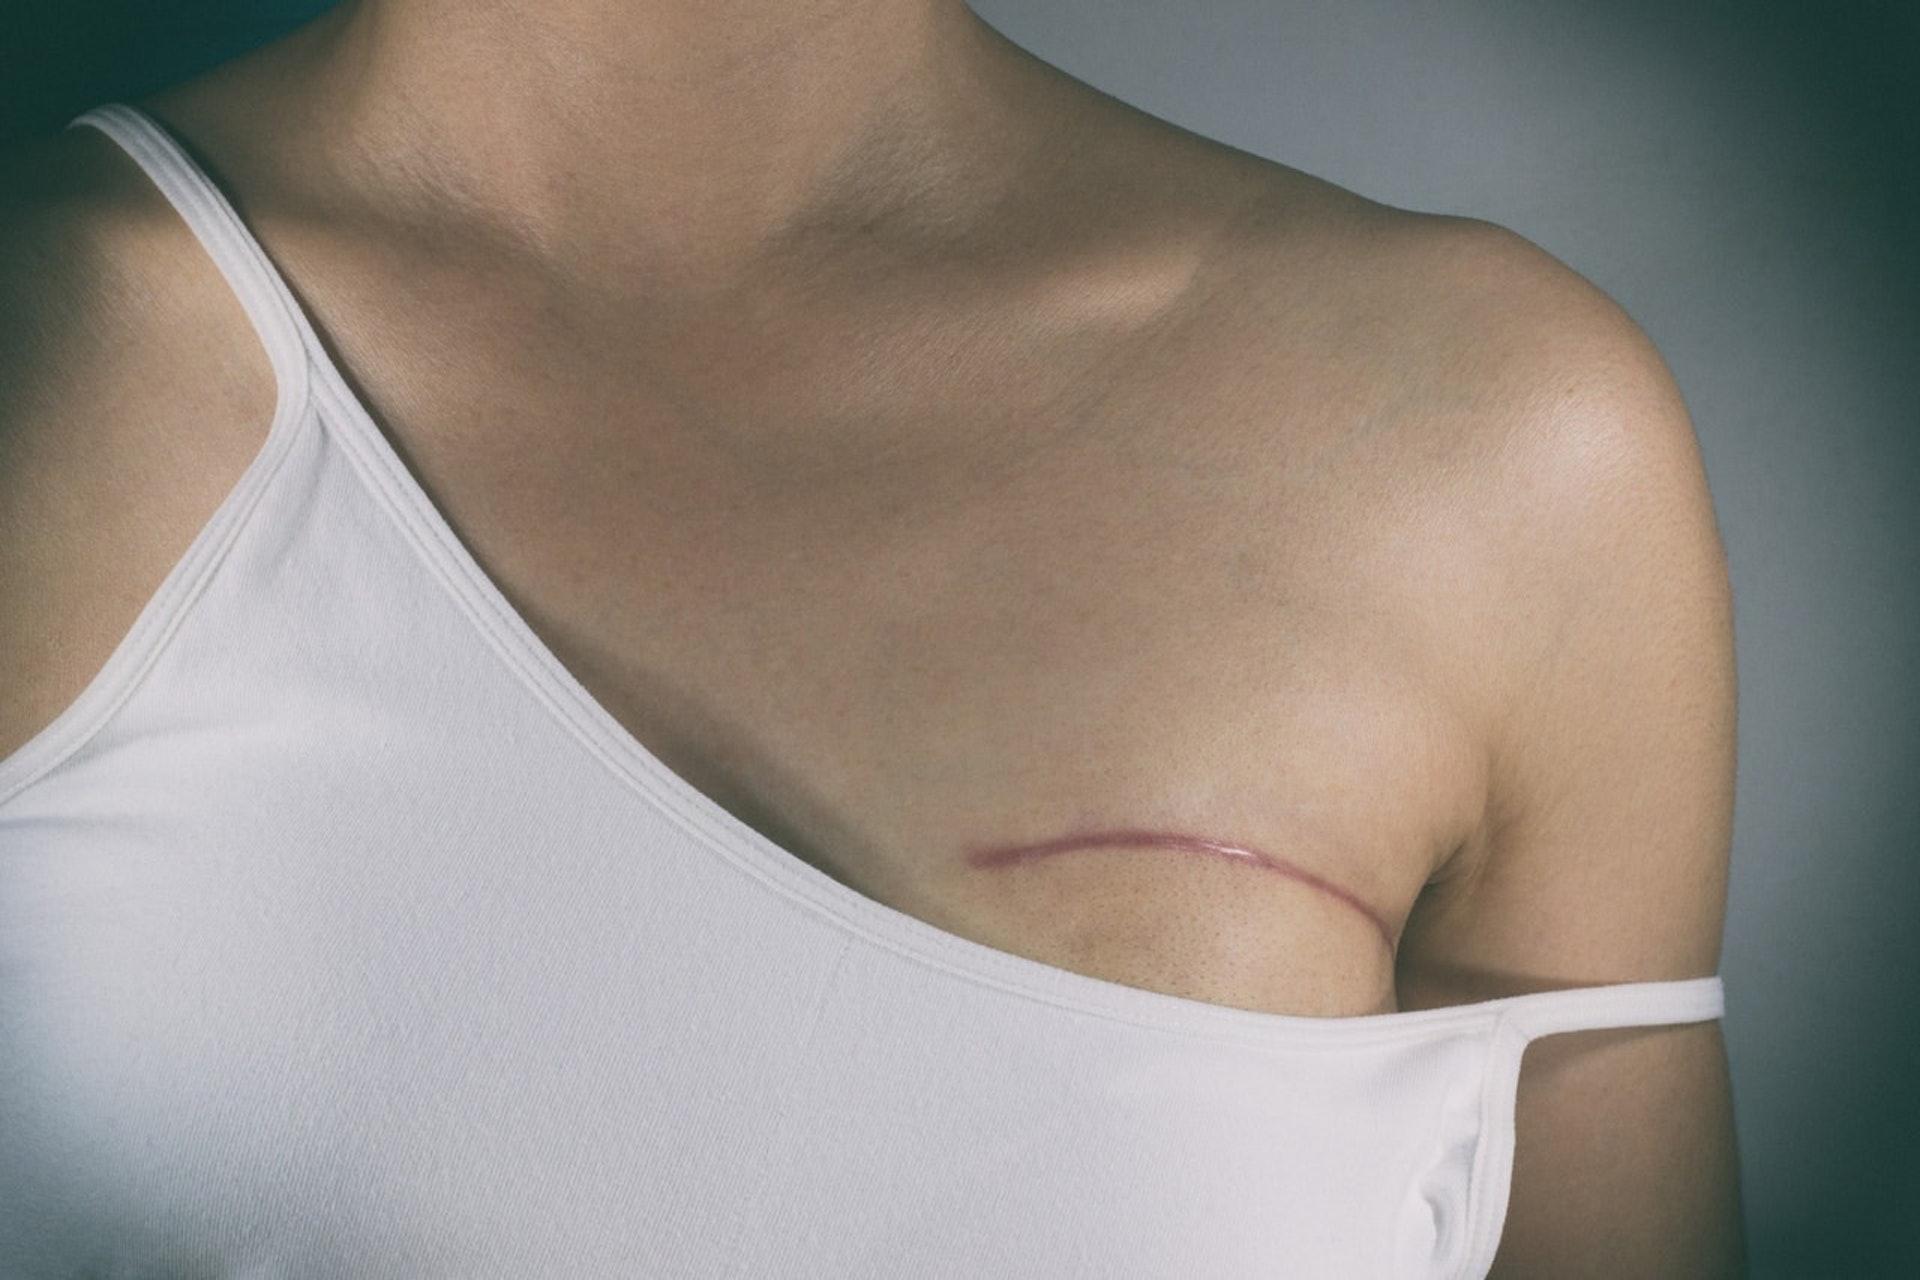 乳房是女性身體的一大特徵,但部分乳癌病人或因病情而需要切除一邊甚至兩邊乳房,影響她們對外形的自信。(Gettyimages/VCG)